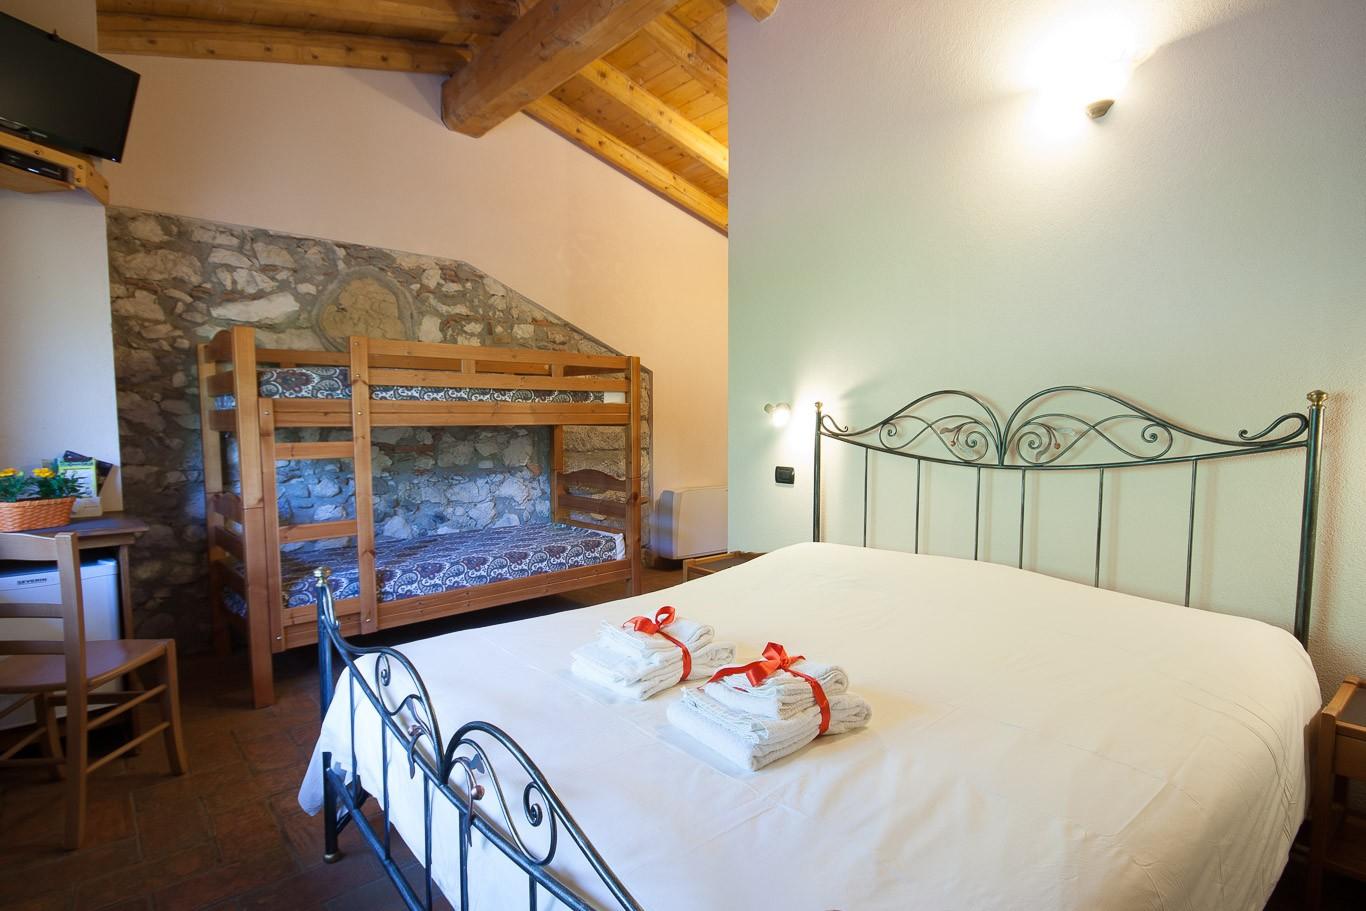 Camera B&B azienda agricola biologica agriturismo tra Lago di Garda e Lago d'Idro. Provincia di Brescia.